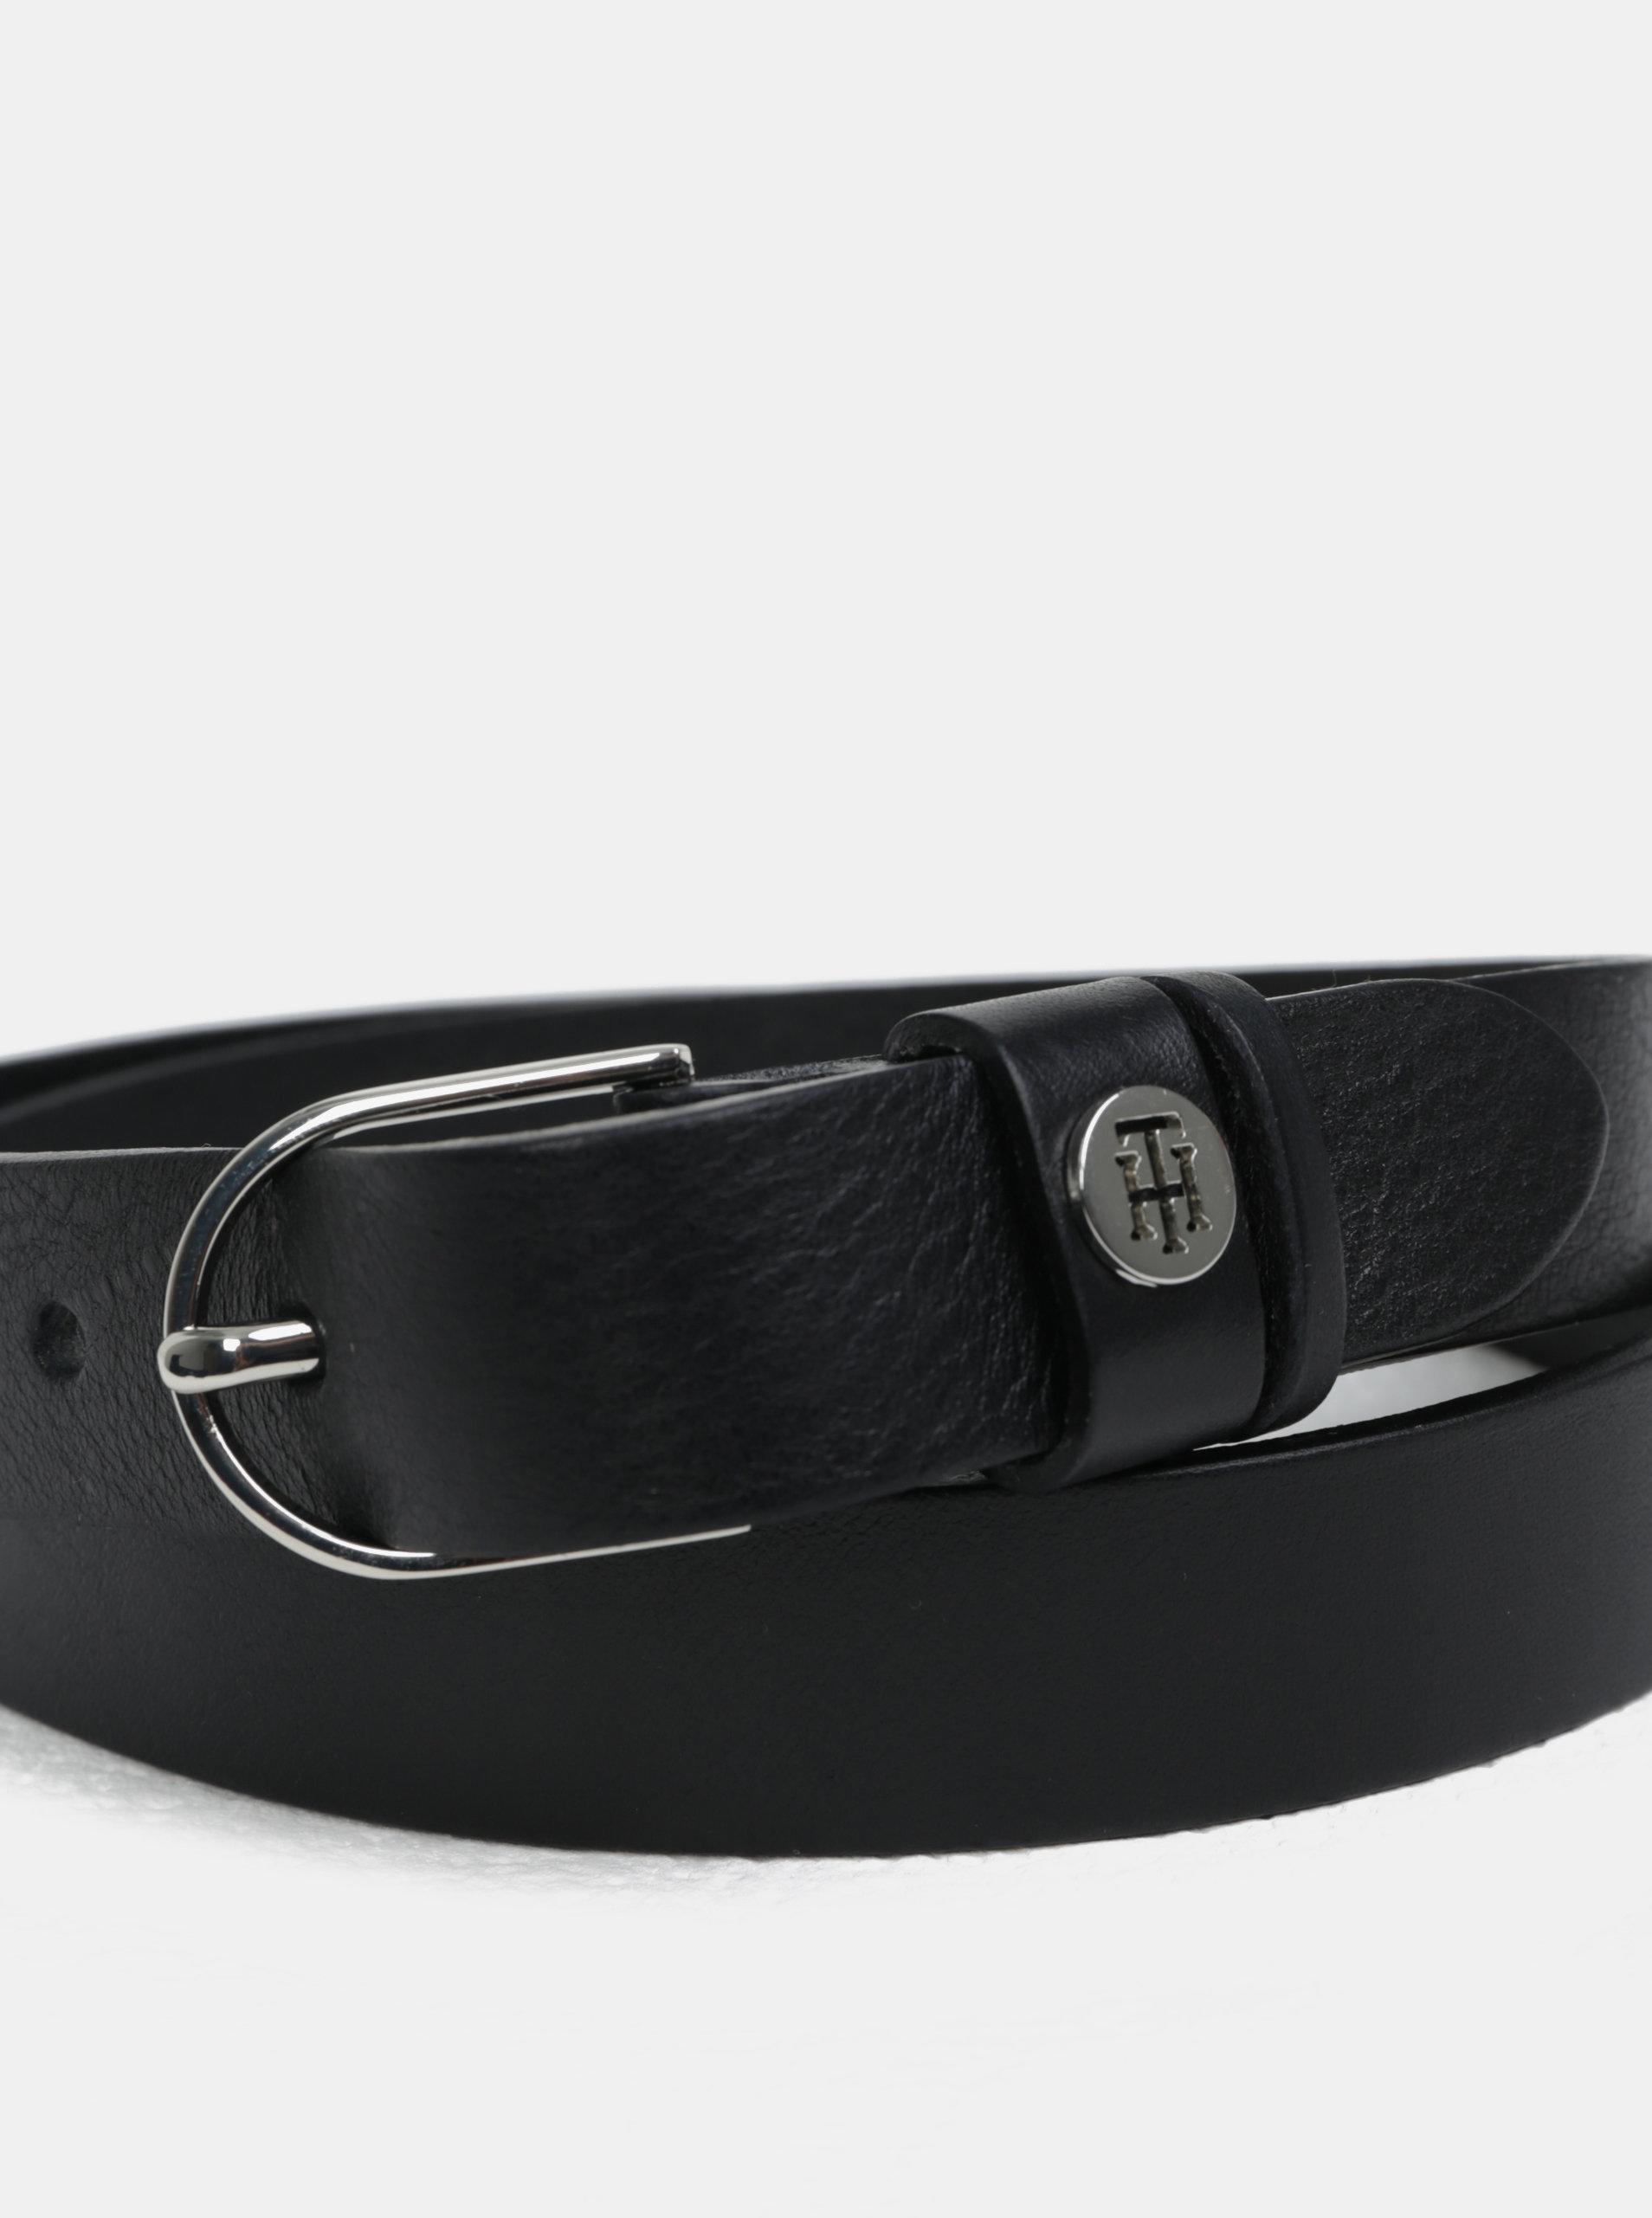 Čierny dámsky úzky kožený opasok Tommy Hilfiger ... be1c63a4357